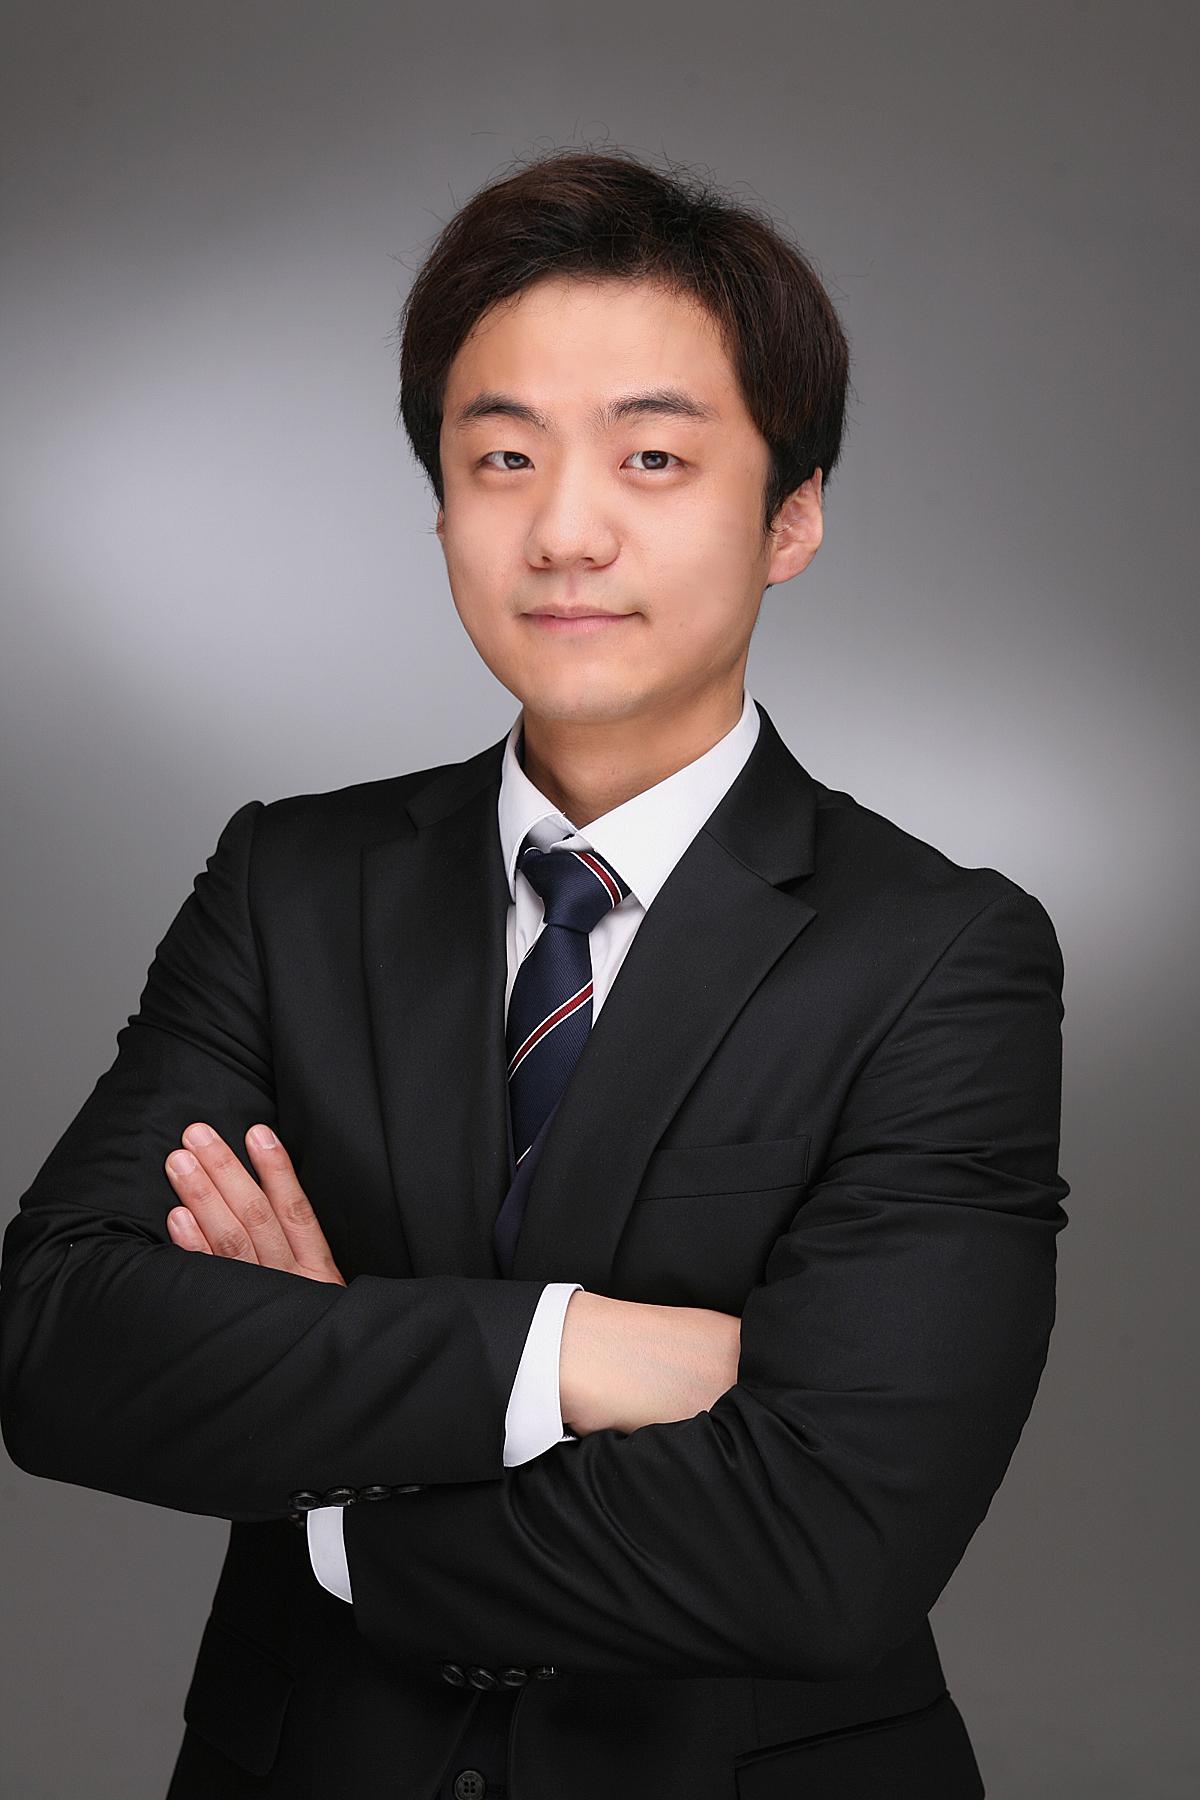 박응석 프로필 사진